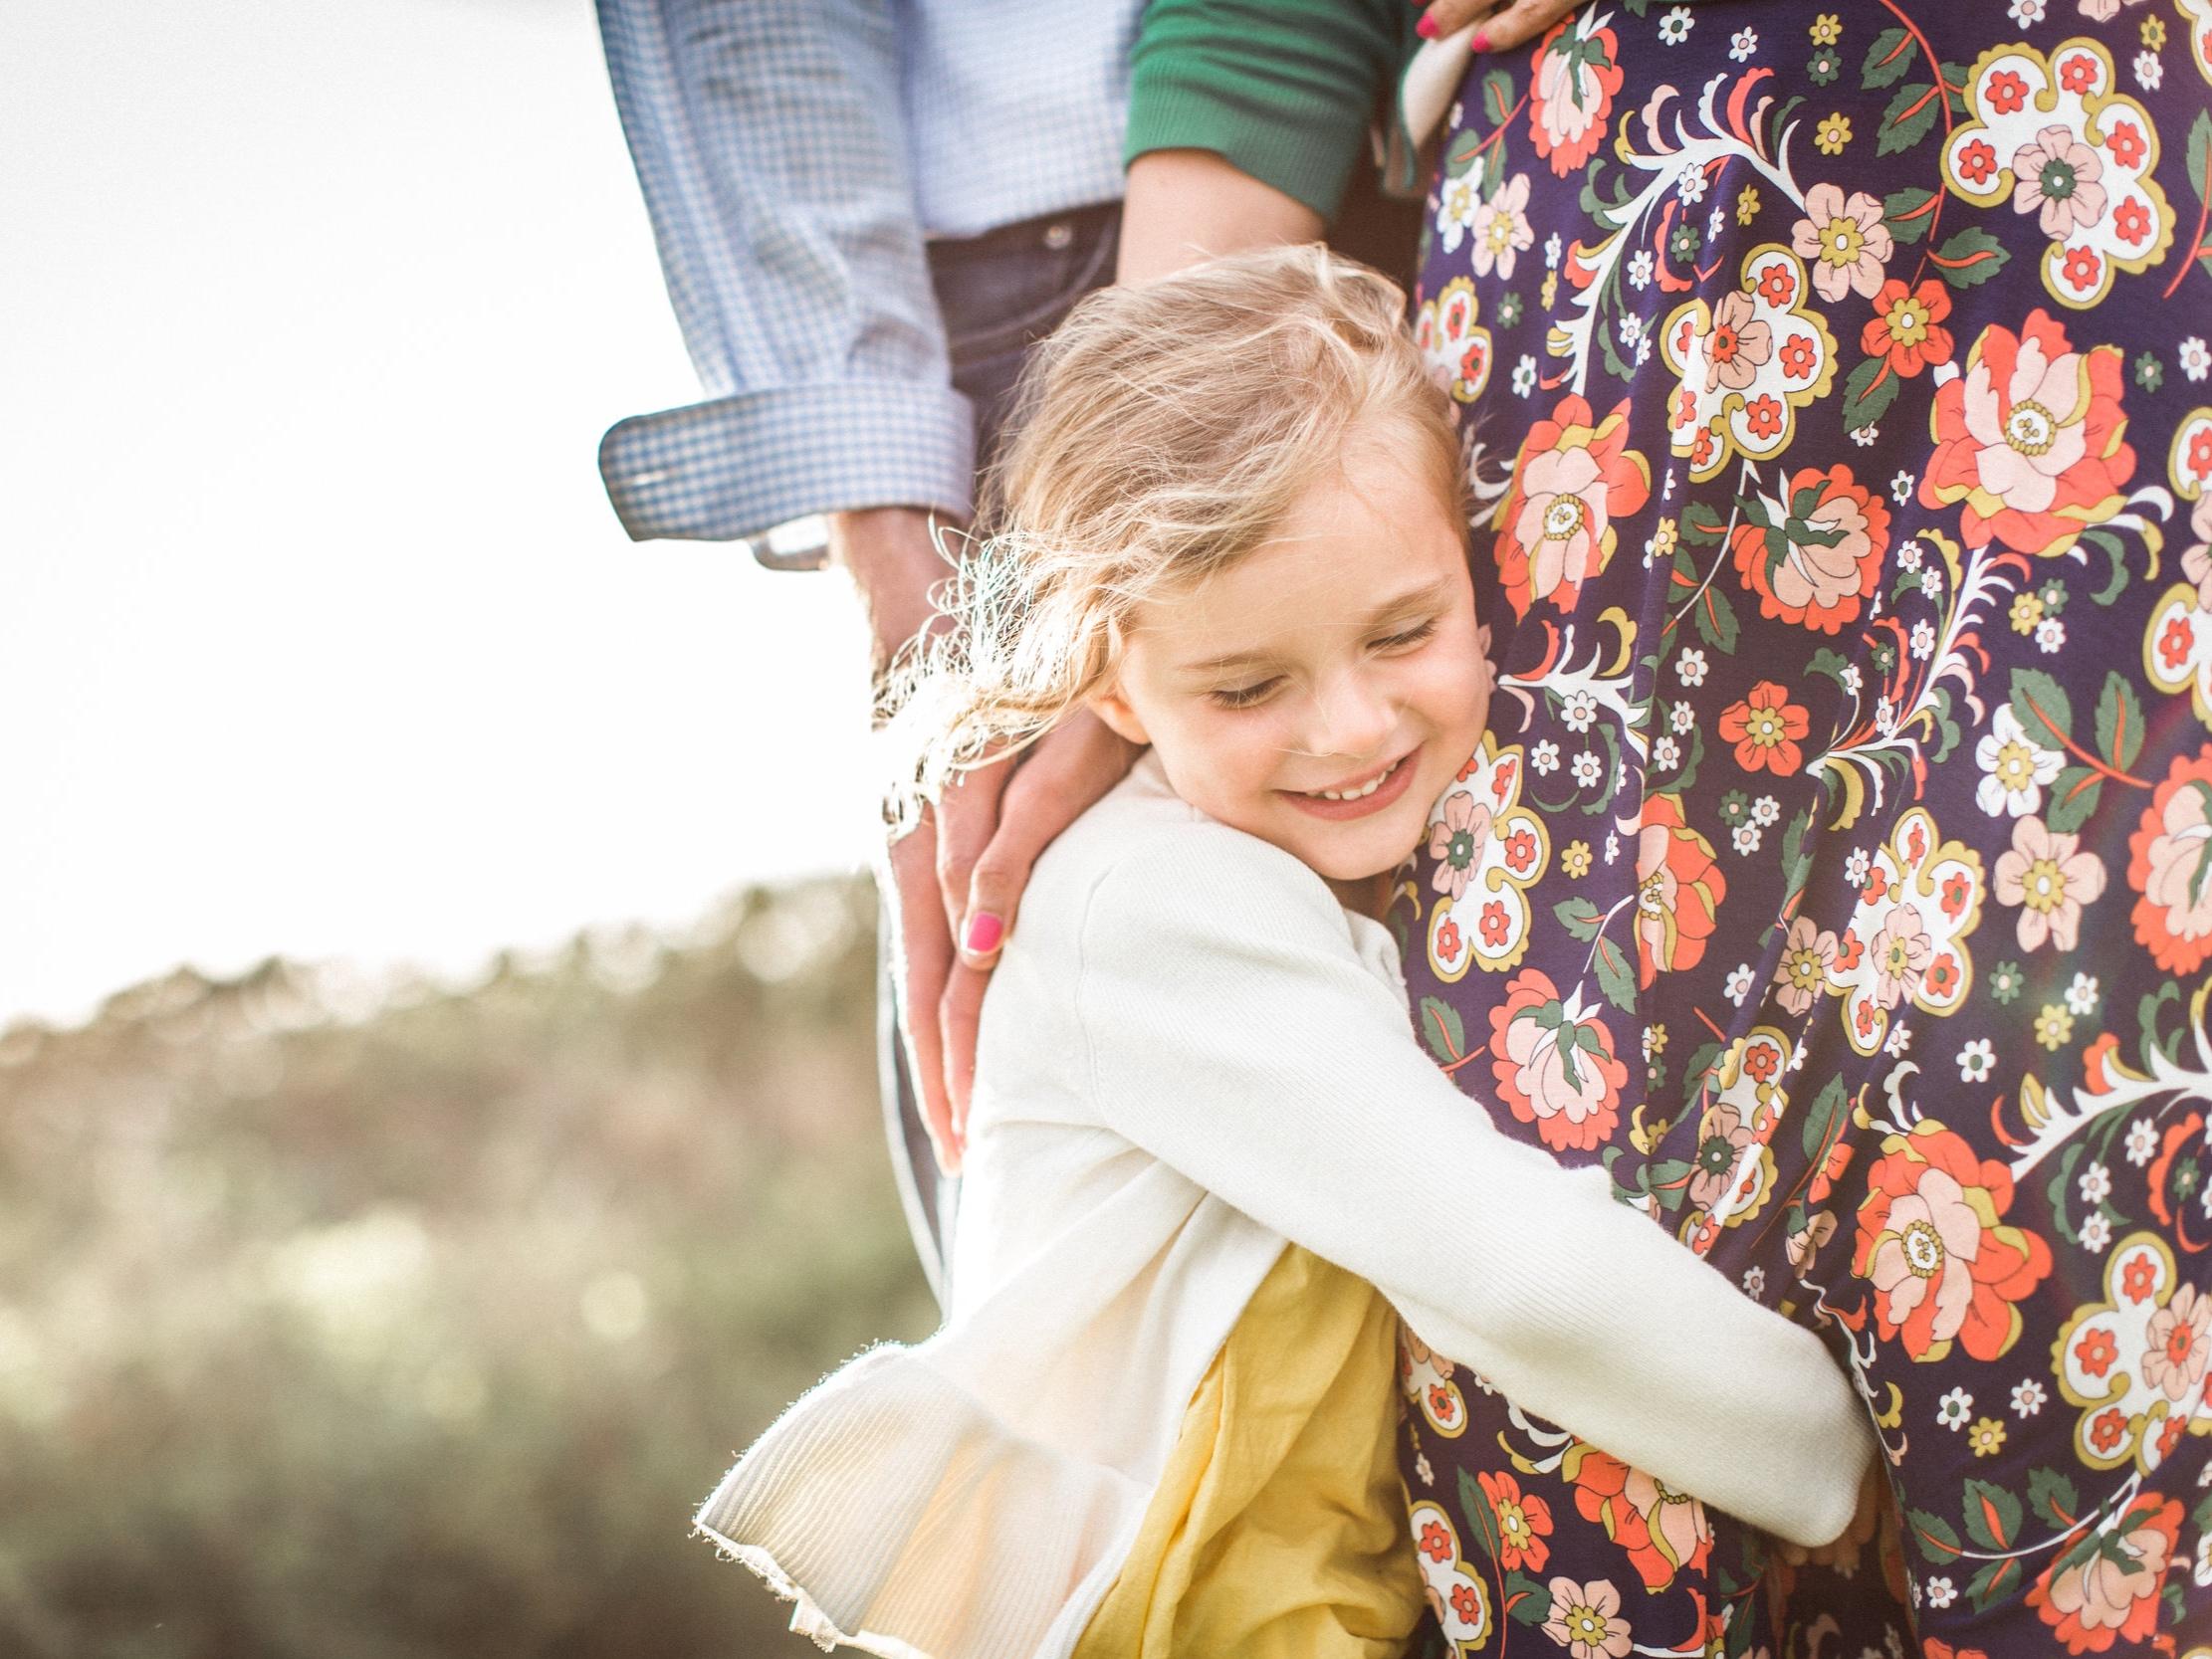 FamilyPhotos2018-52.jpg